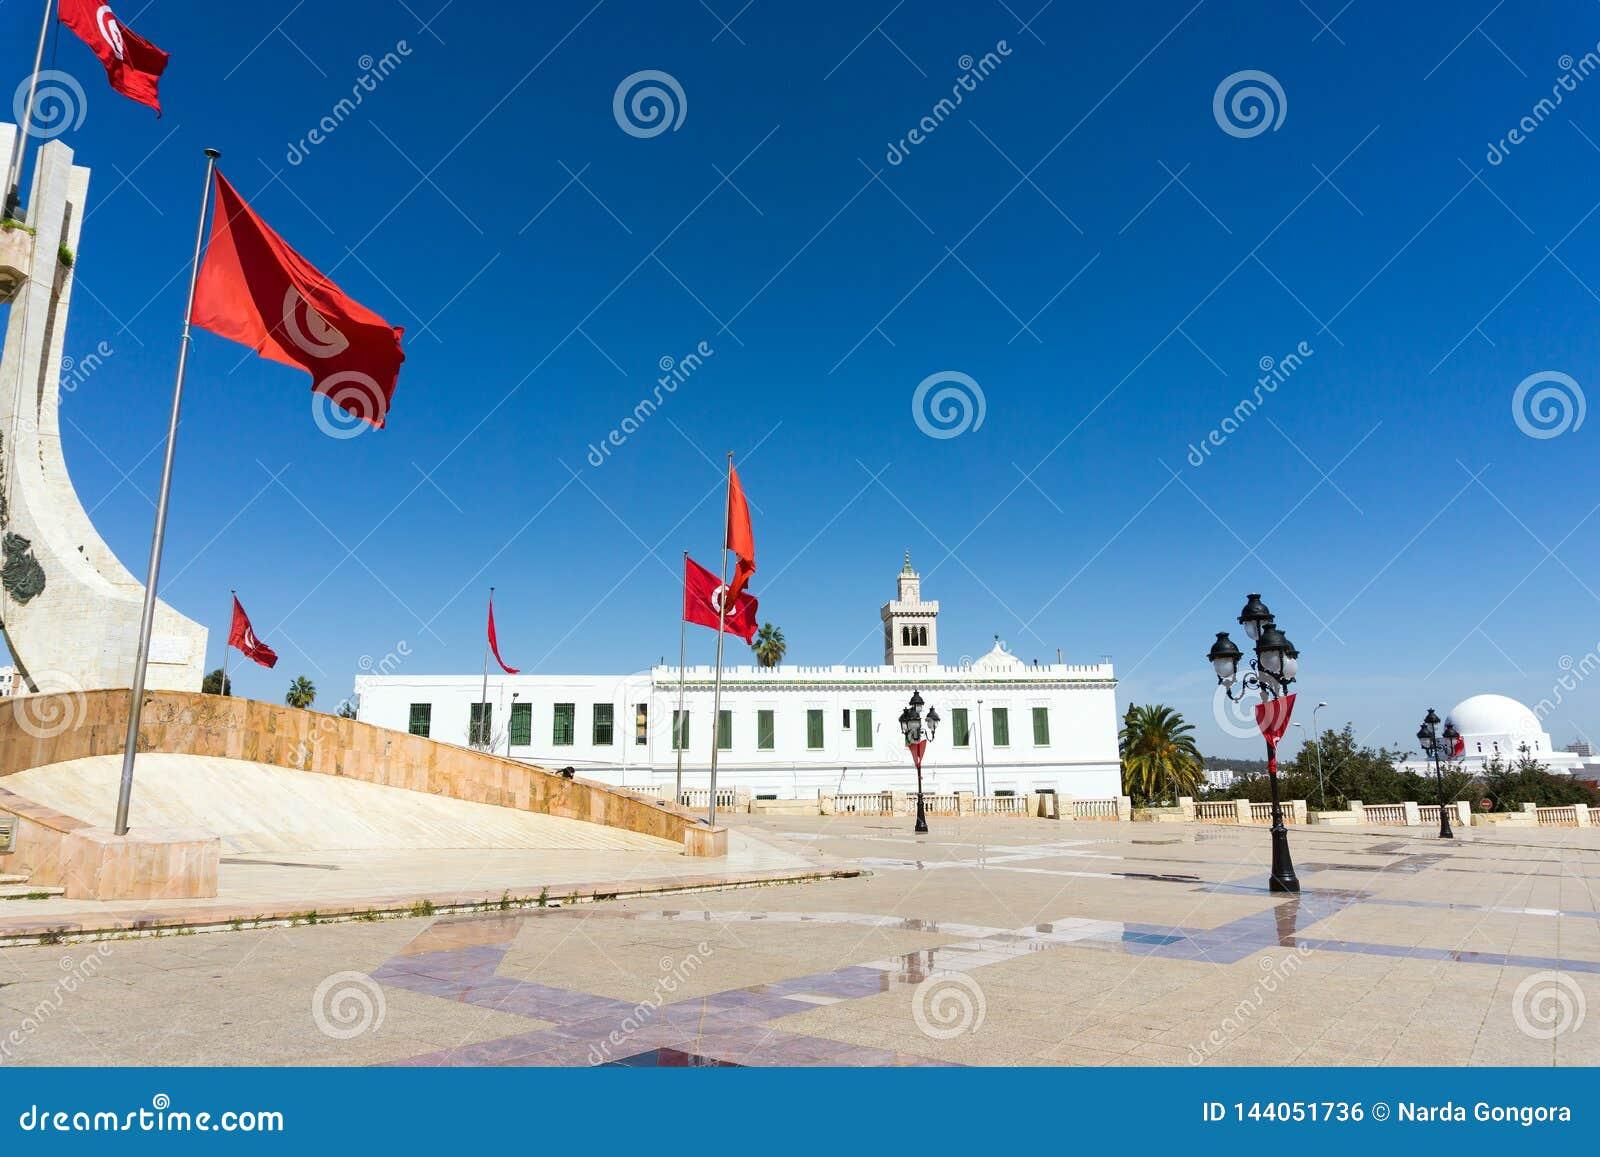 Seite von Kasbah-Quadrat in Tunis, Tunesien